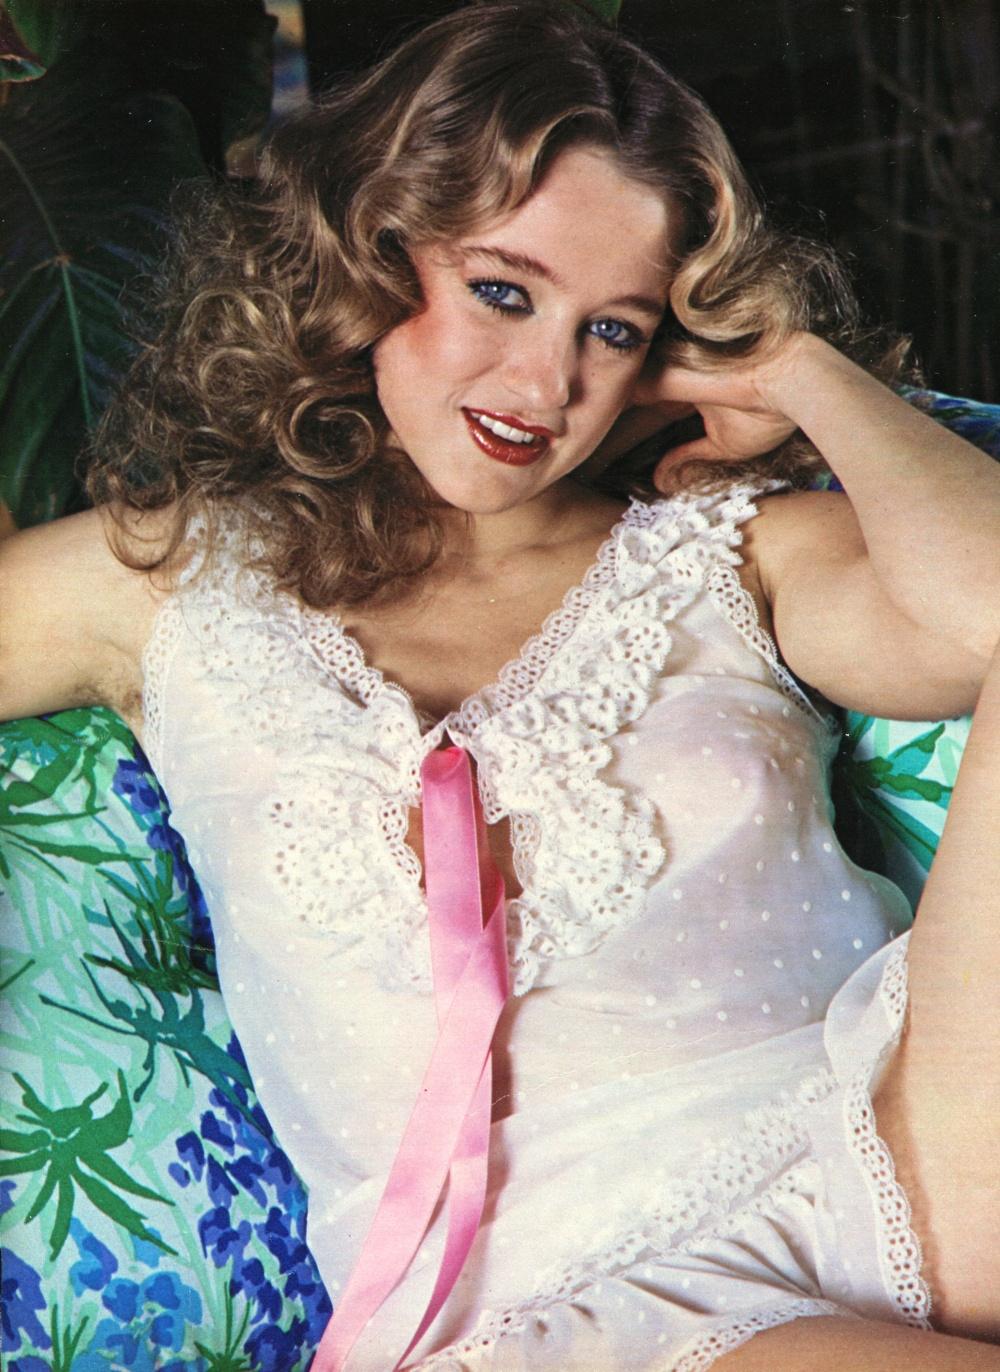 Голая порно звезда Элеонора Джорджи смотреть онлайн 1 фото